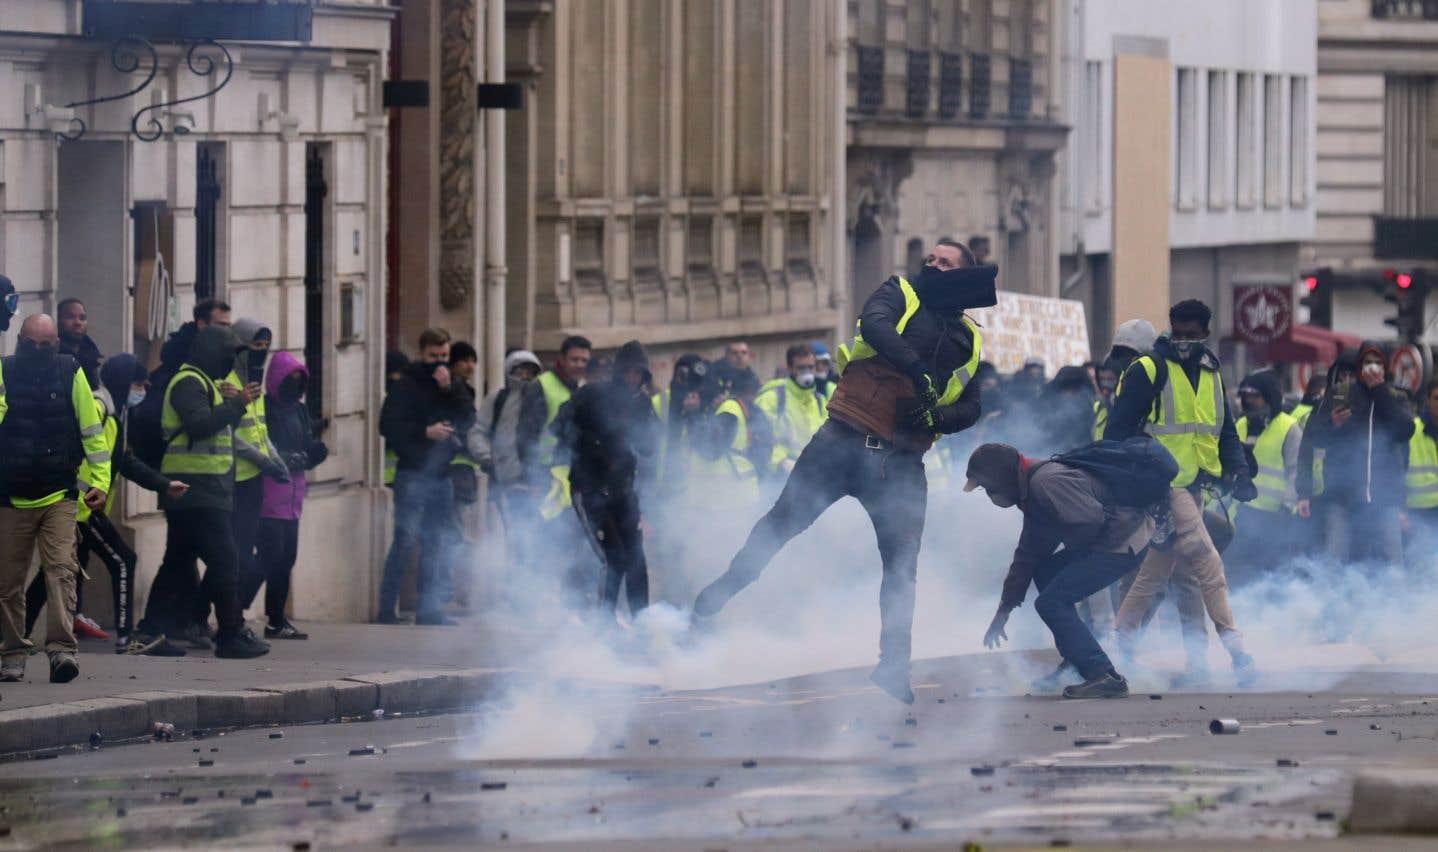 Des manifestants lancent des morceaux de pavé vers les policiers anti-émeute, au milieu de gaz lacrymogènes, près des Champs-Élysées, à Paris.